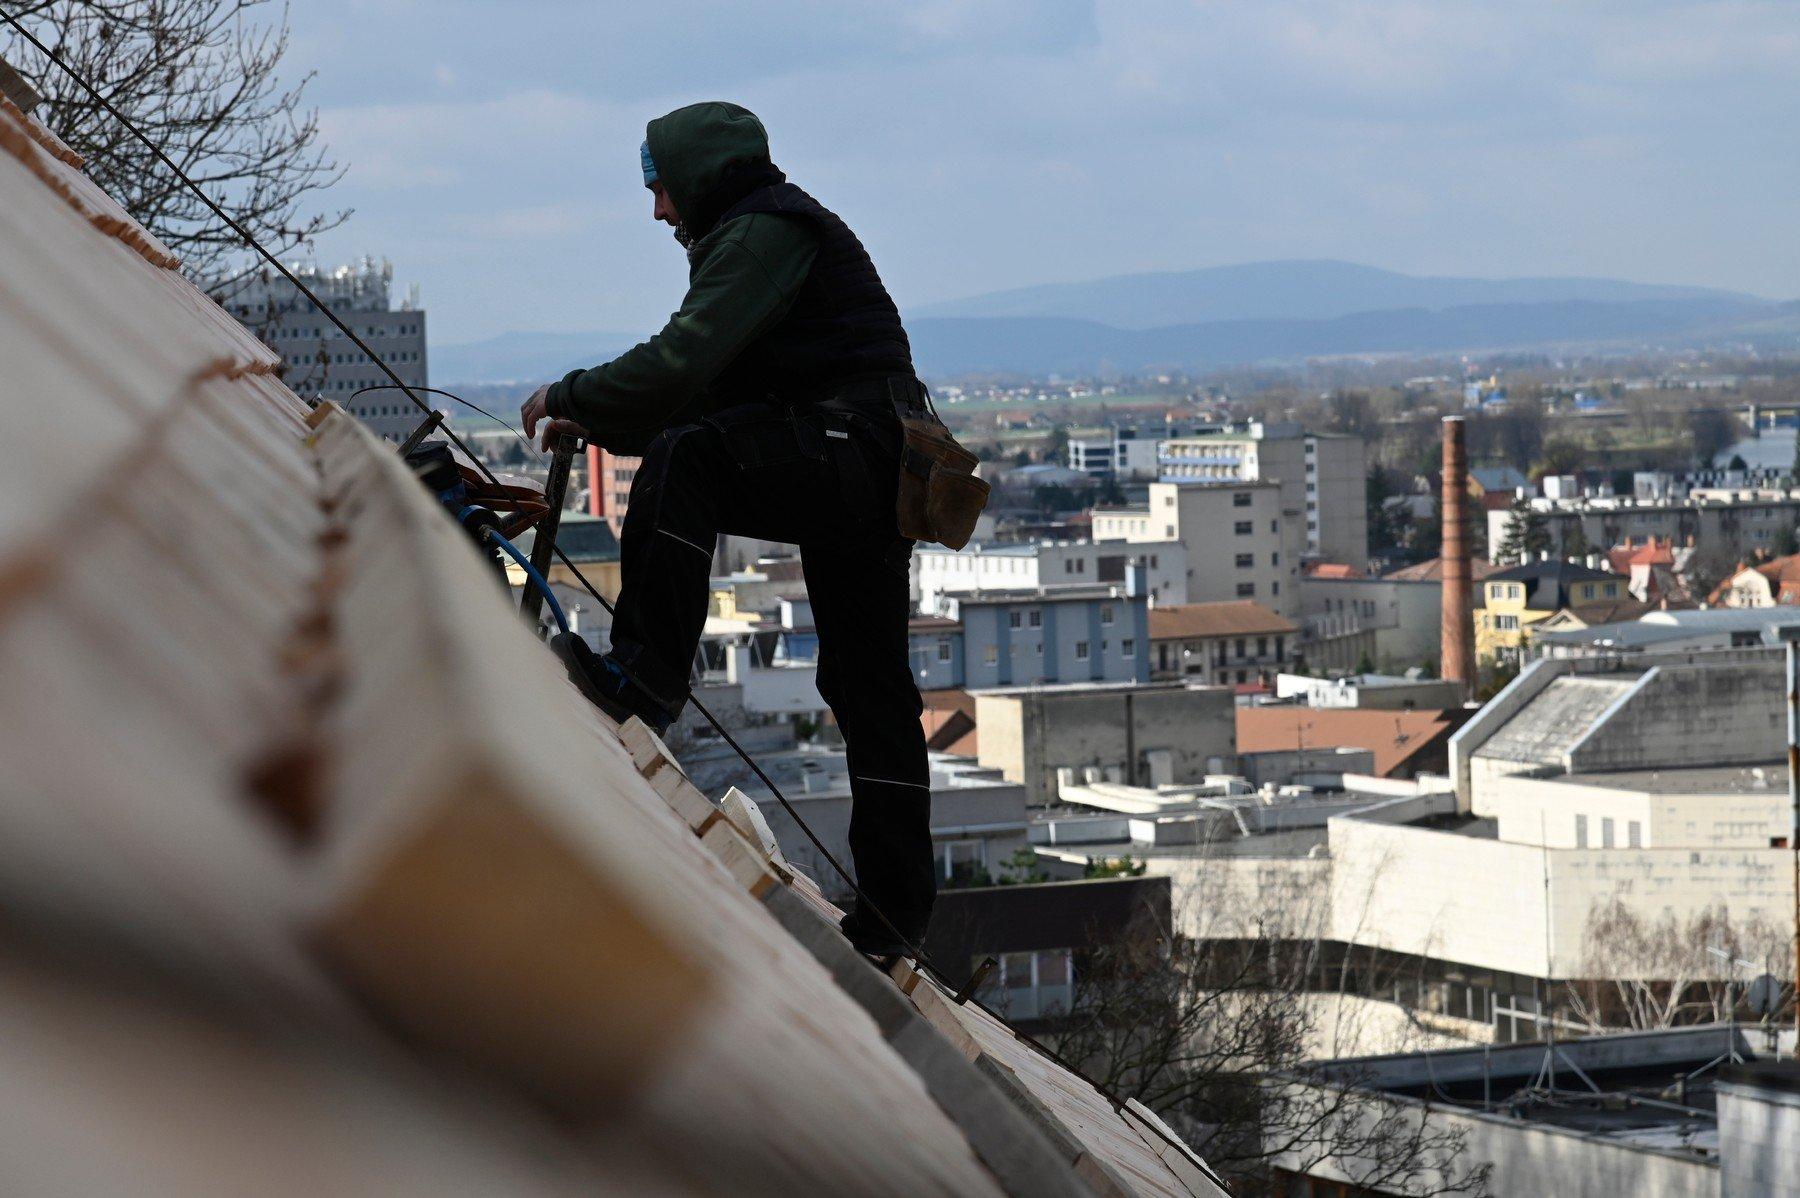 Práce na střeše